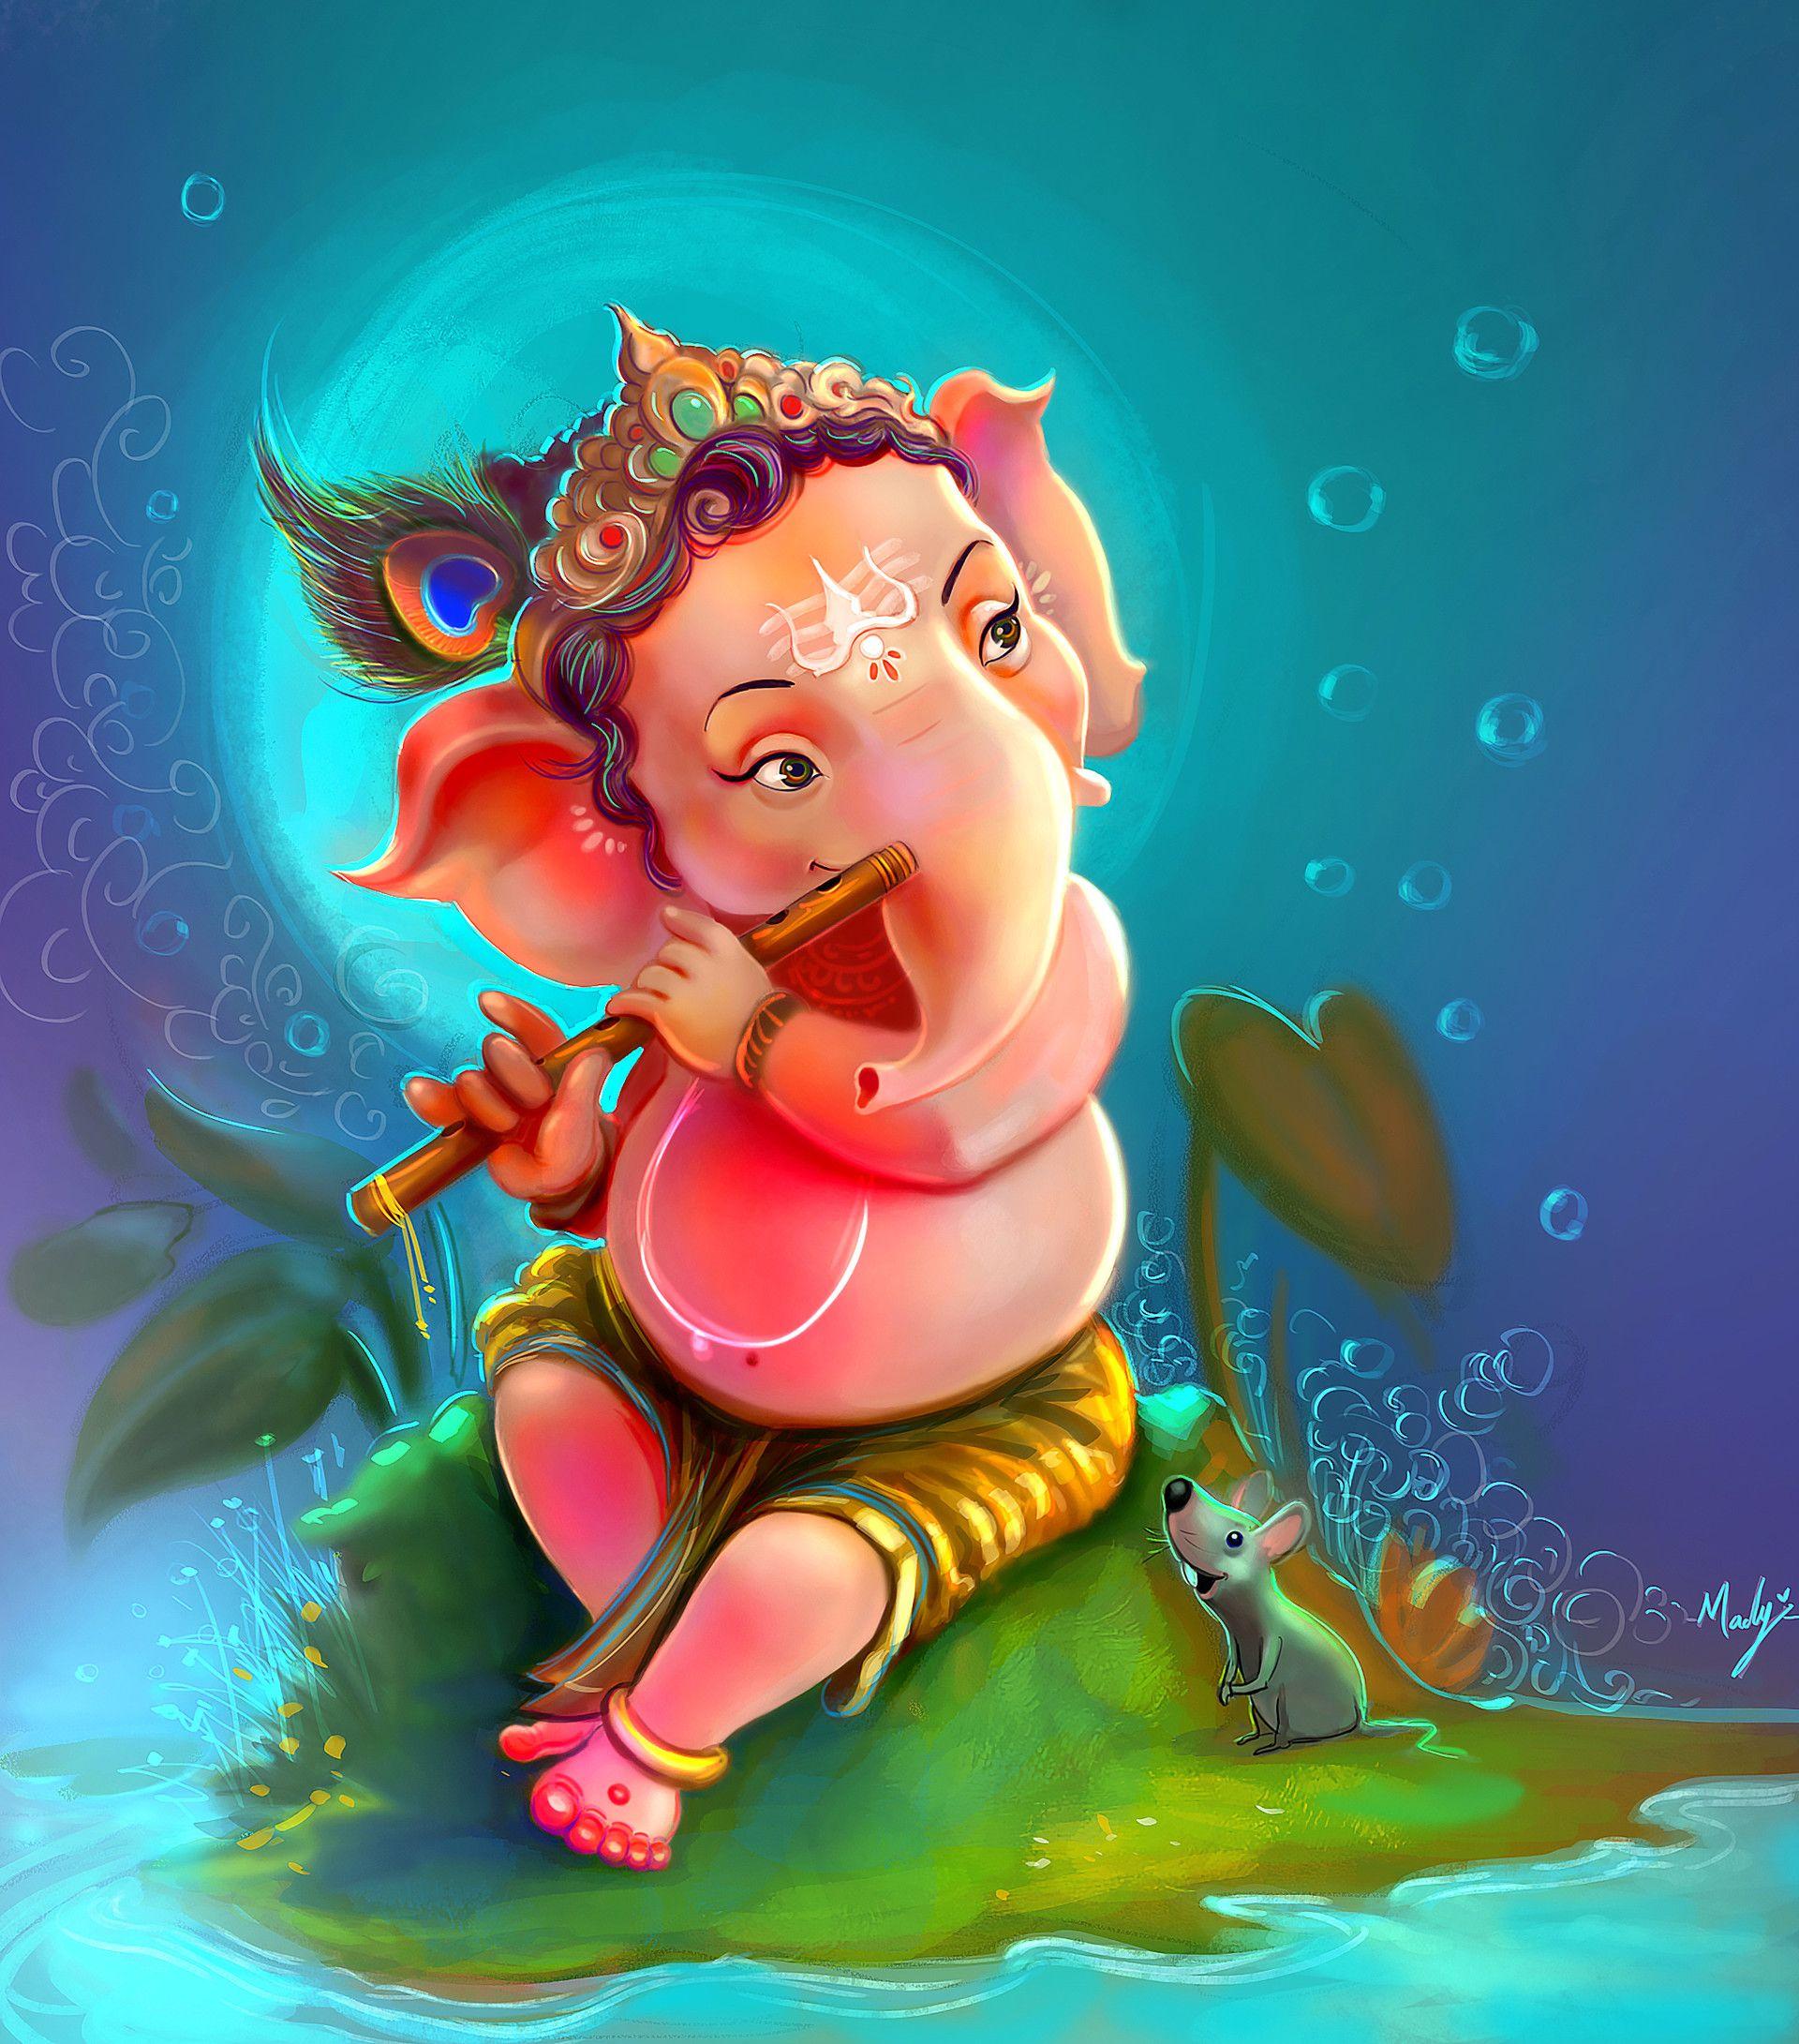 Artstation Lord Ganesha Happy Ganesh Chaturthi Madhaw Bauri Happy Ganesh Chaturthi Images Ganesh Chaturthi Images Lord Ganesha Paintings